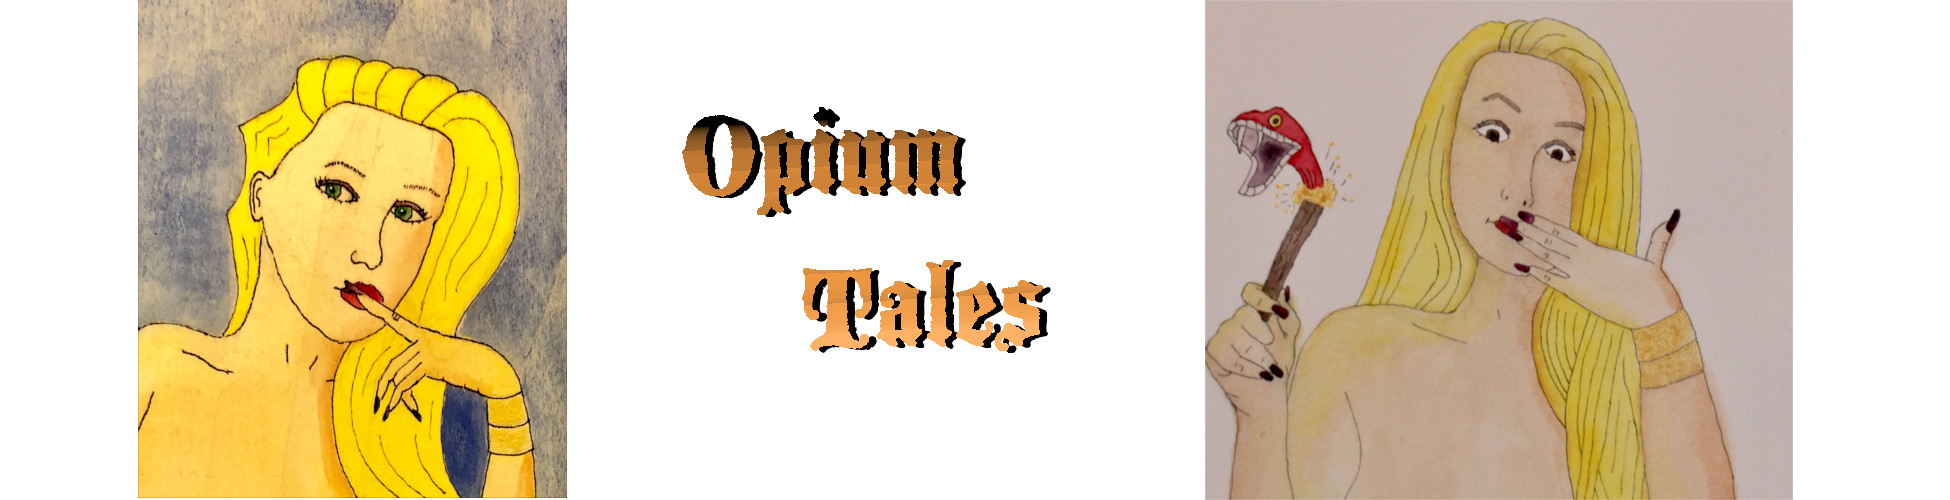 Opium Tales blog header